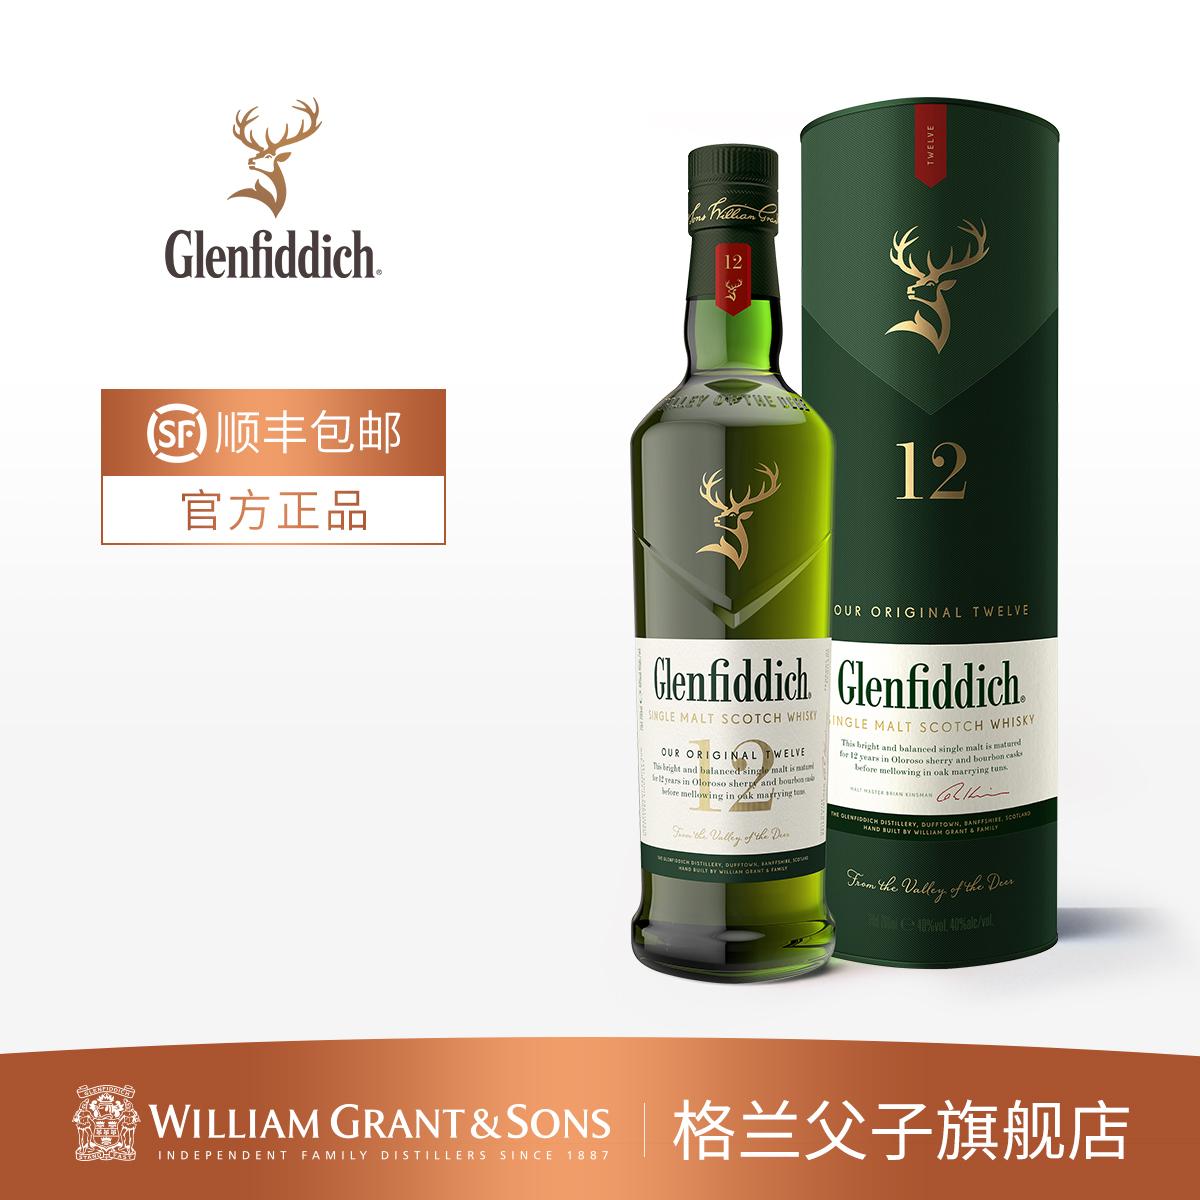 格兰菲迪12年单一麦芽苏格兰威士忌进口洋酒700ml